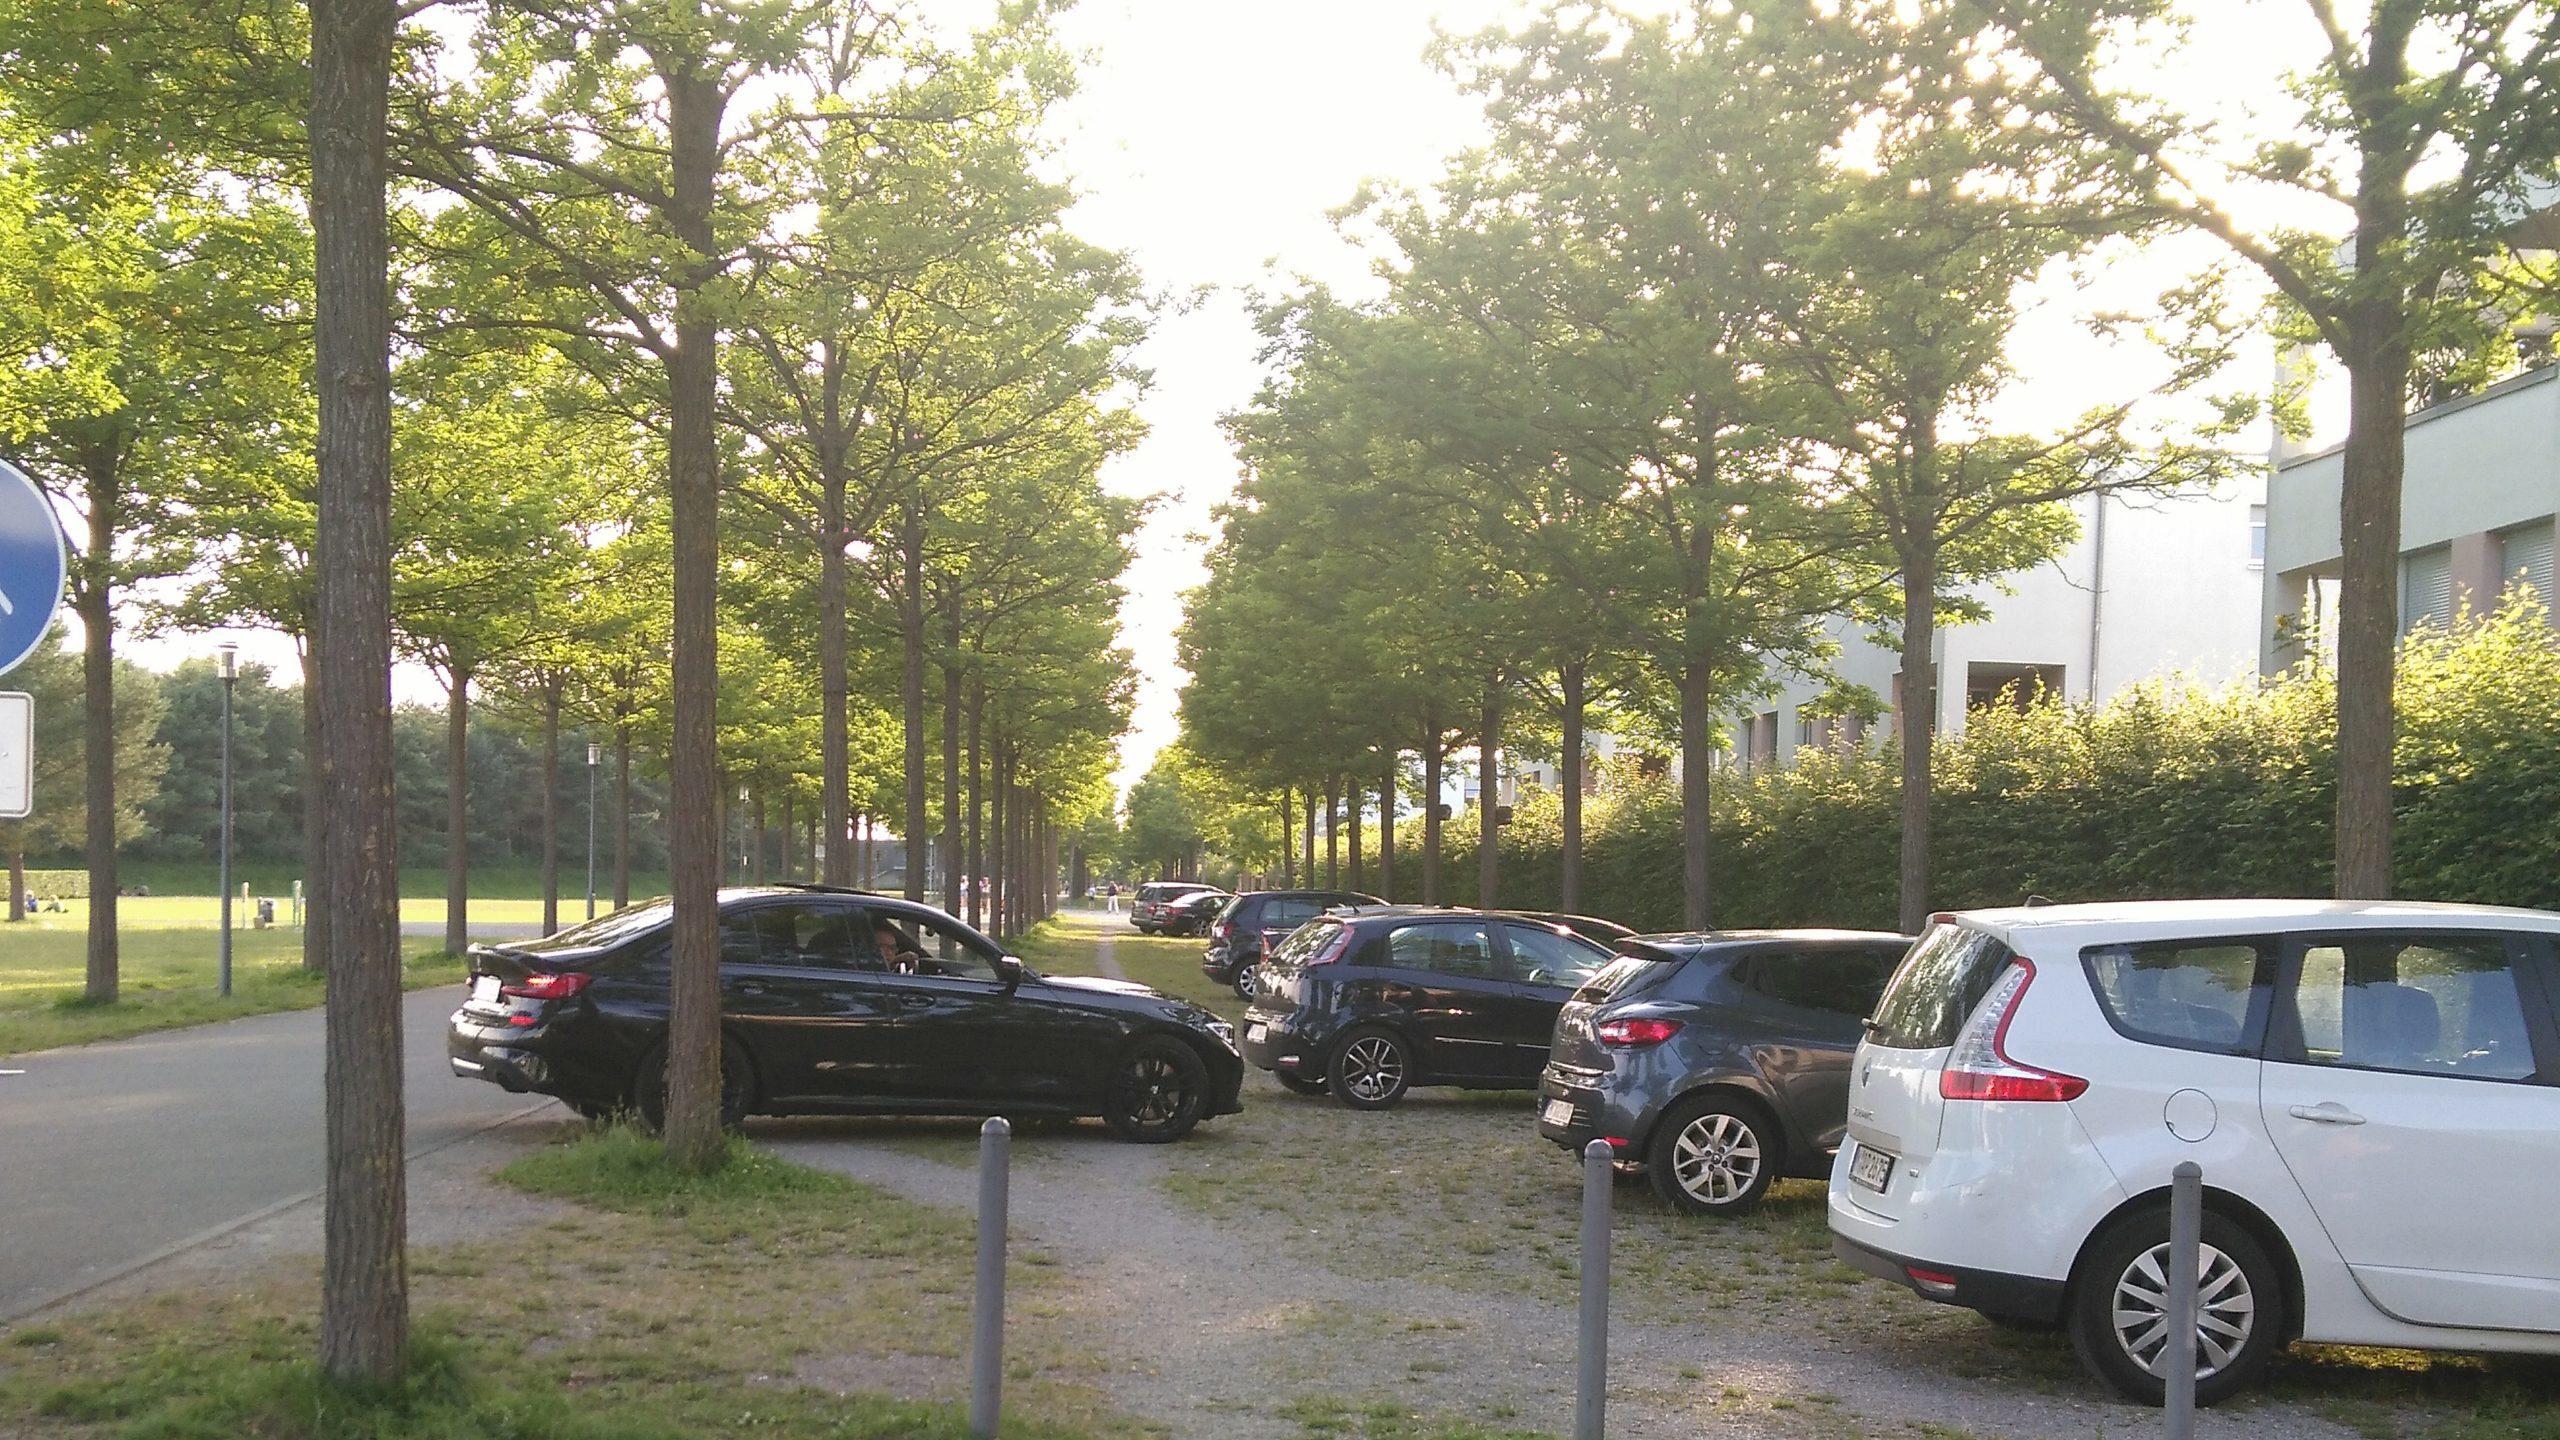 Schließung von Zufahrtswegen und Durchsetzung von Parkverboten